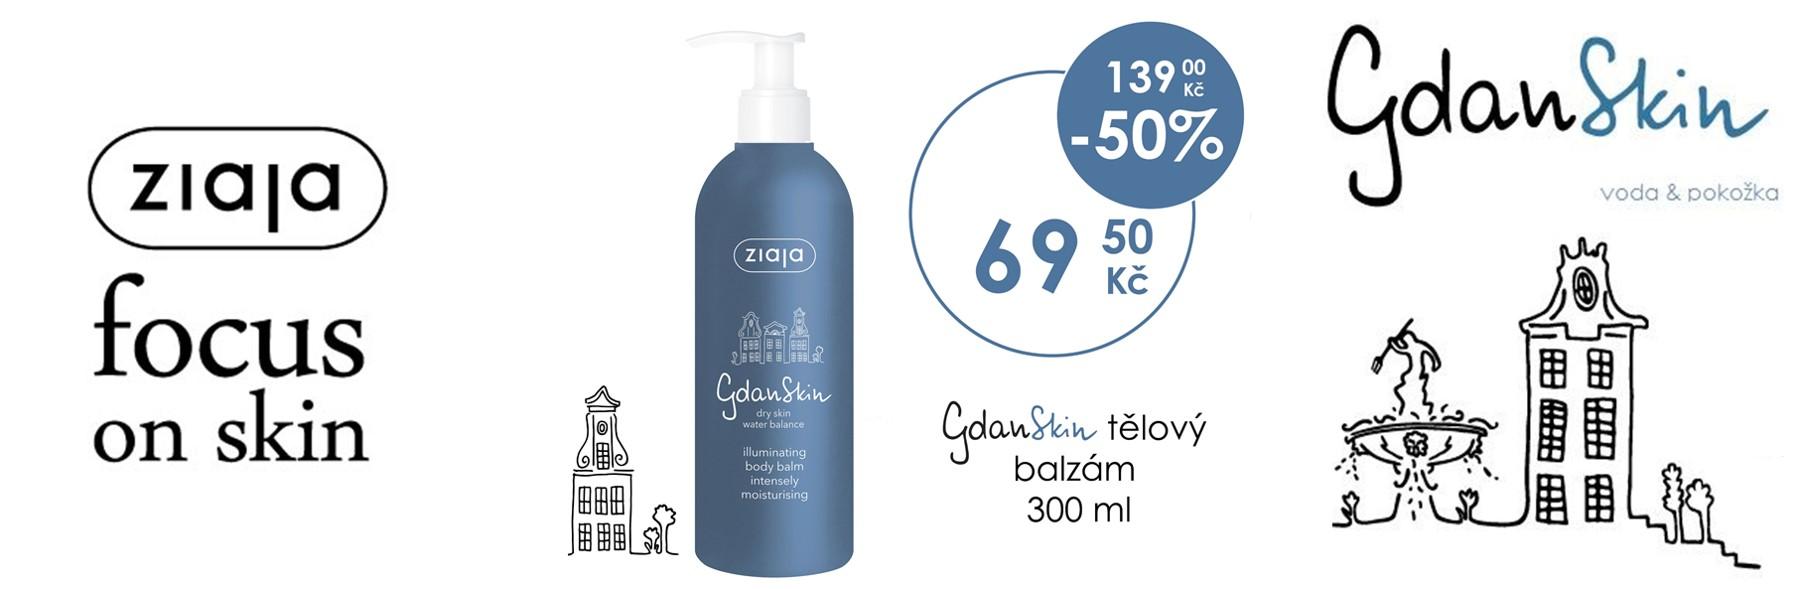 GdanSkin_body lot_-50%